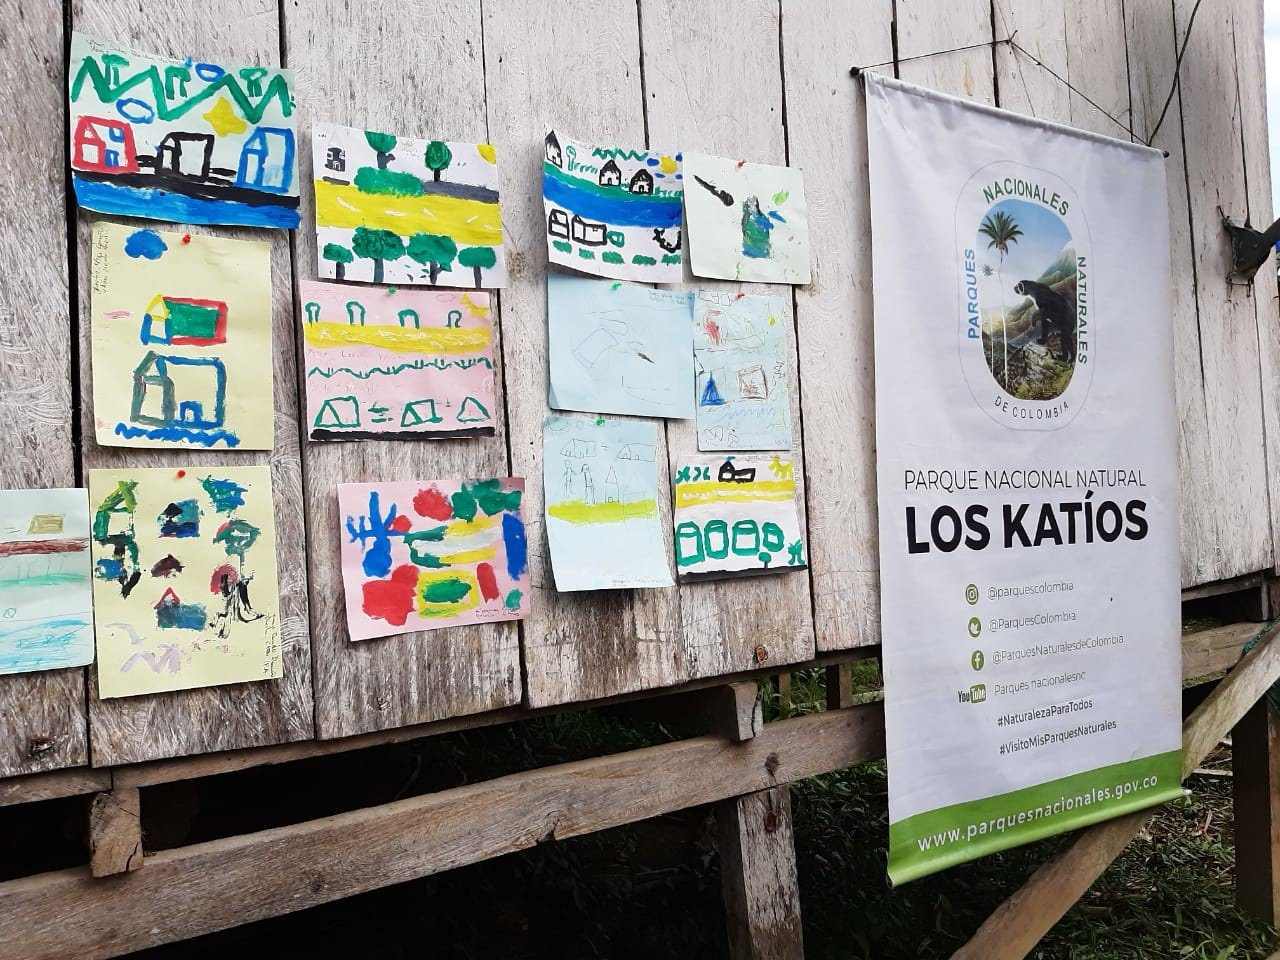 En Chocó se realizó homenaje a los pescadores de Puente América y Riosucio por buen manejo de las prácticas pesqueras - Dibujos-de-los-niños